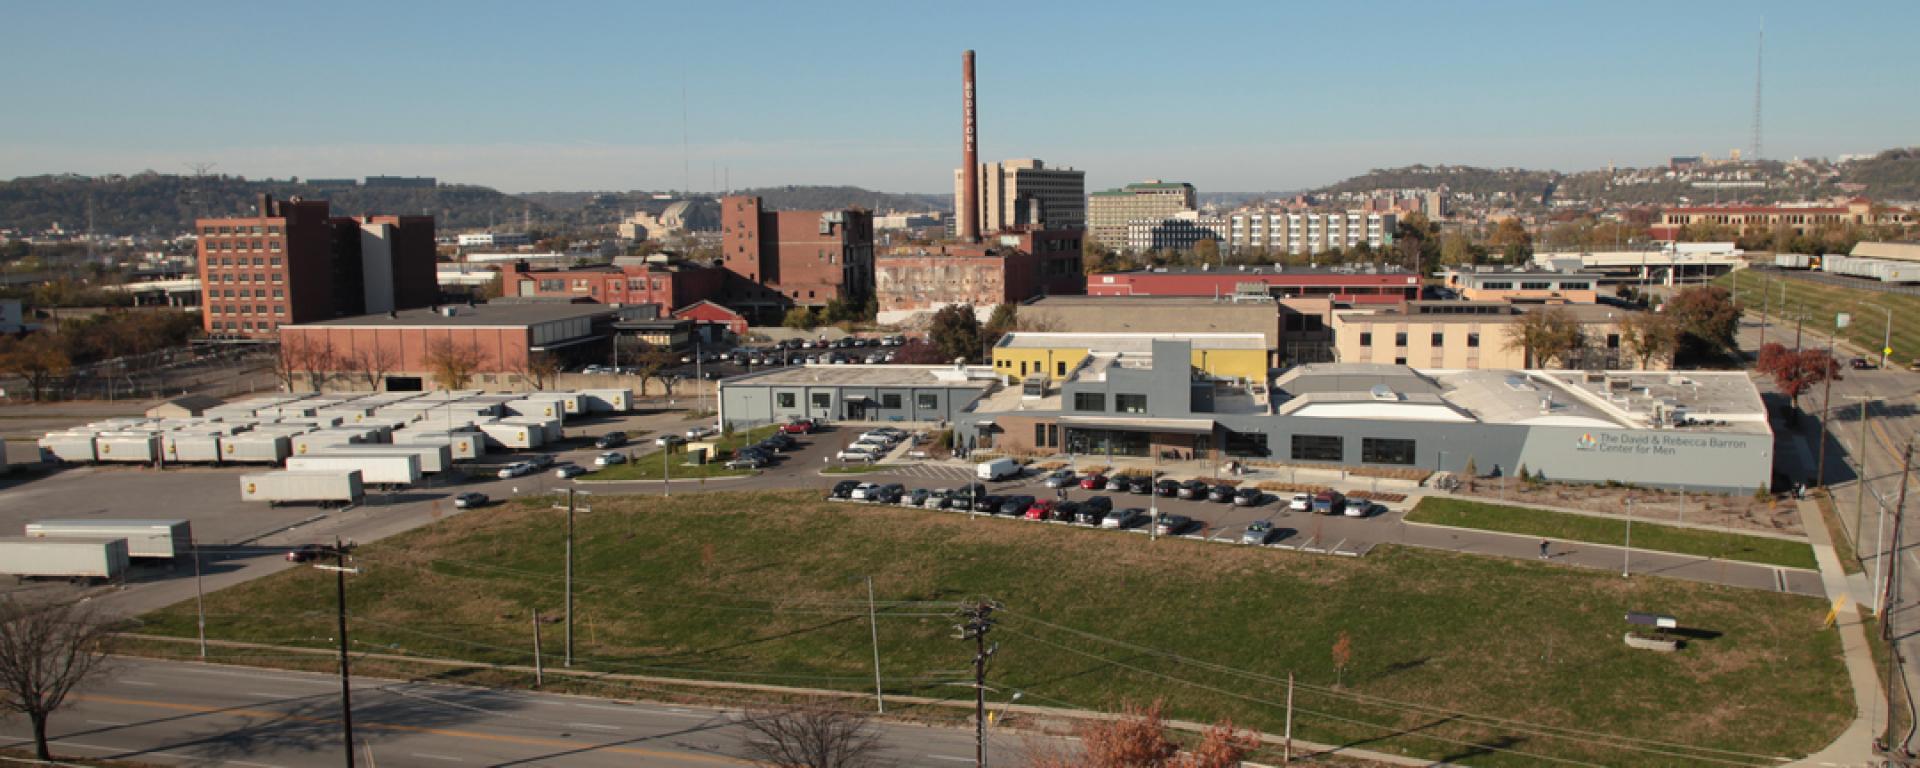 Aerial view of Shelterhouse Center for Men